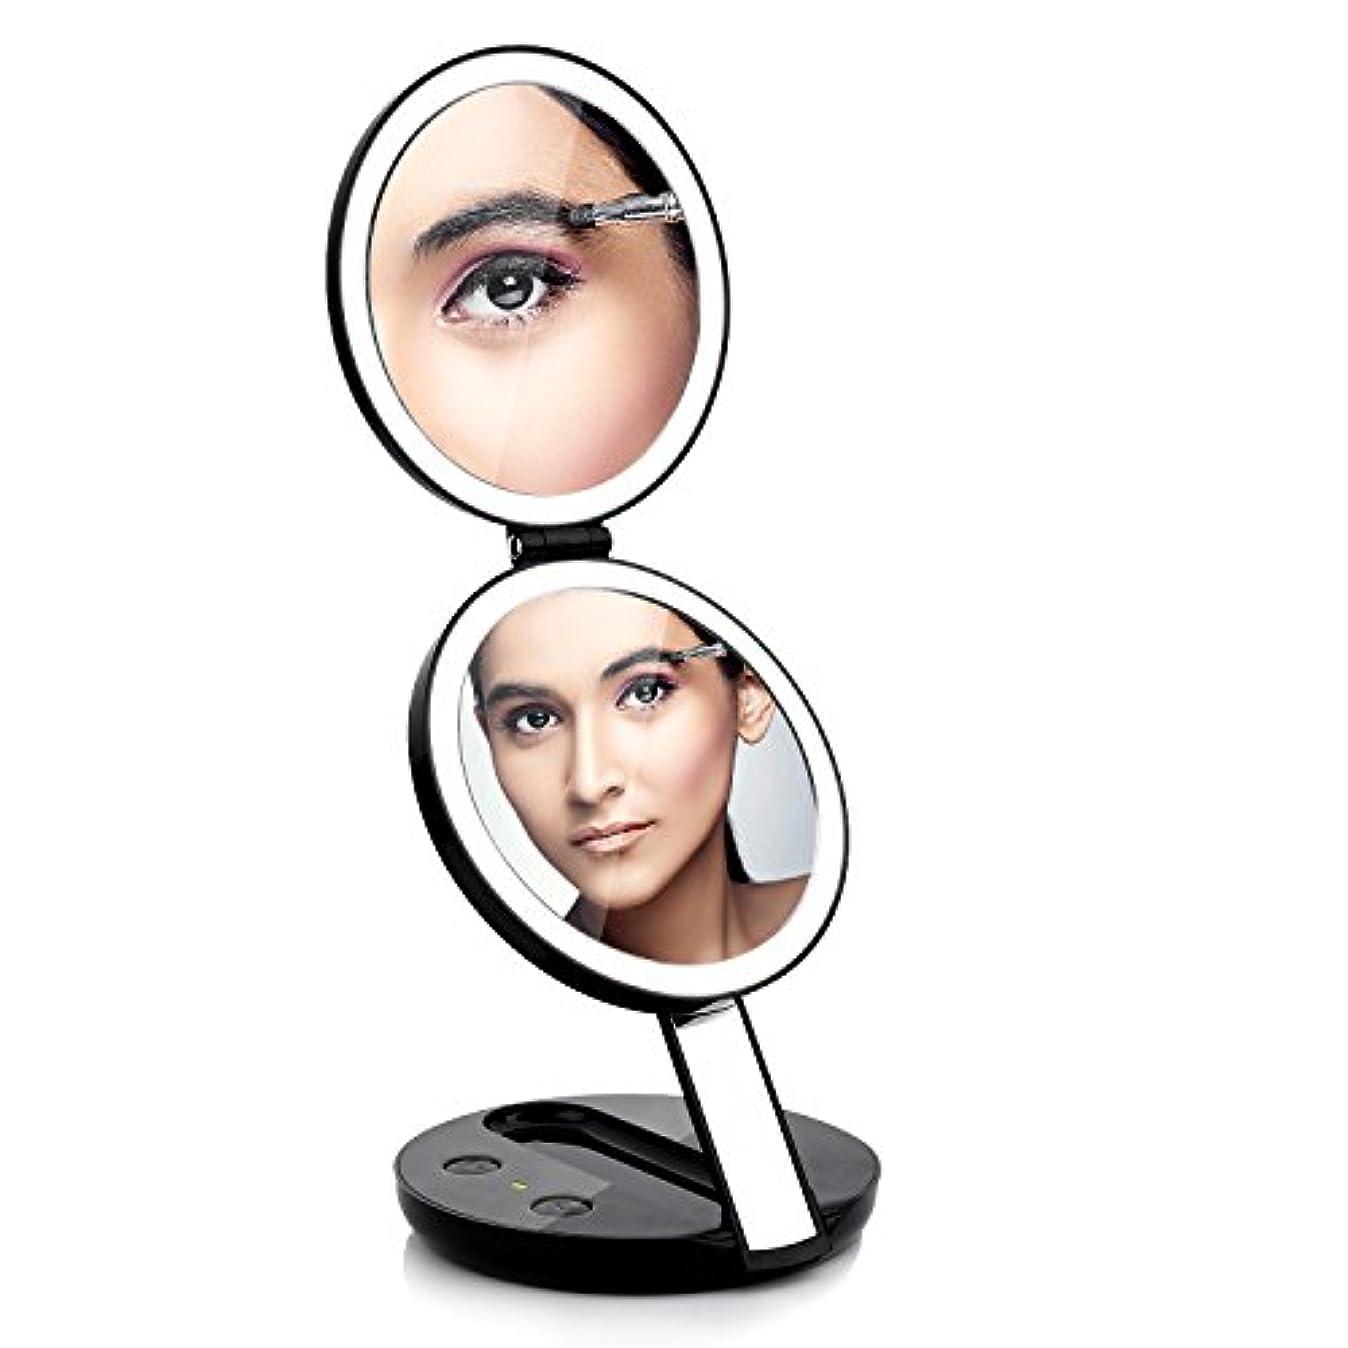 コンパクトミラー 両面 卓上ミラー 化粧鏡 手鏡 丸型 Ledライト 等倍と7倍拡大鏡 折りたたみ式 明るさ調整可能 角度調節USB給電 電池式 おしゃれ 手のひらサイズ 贈り物(ブラック)